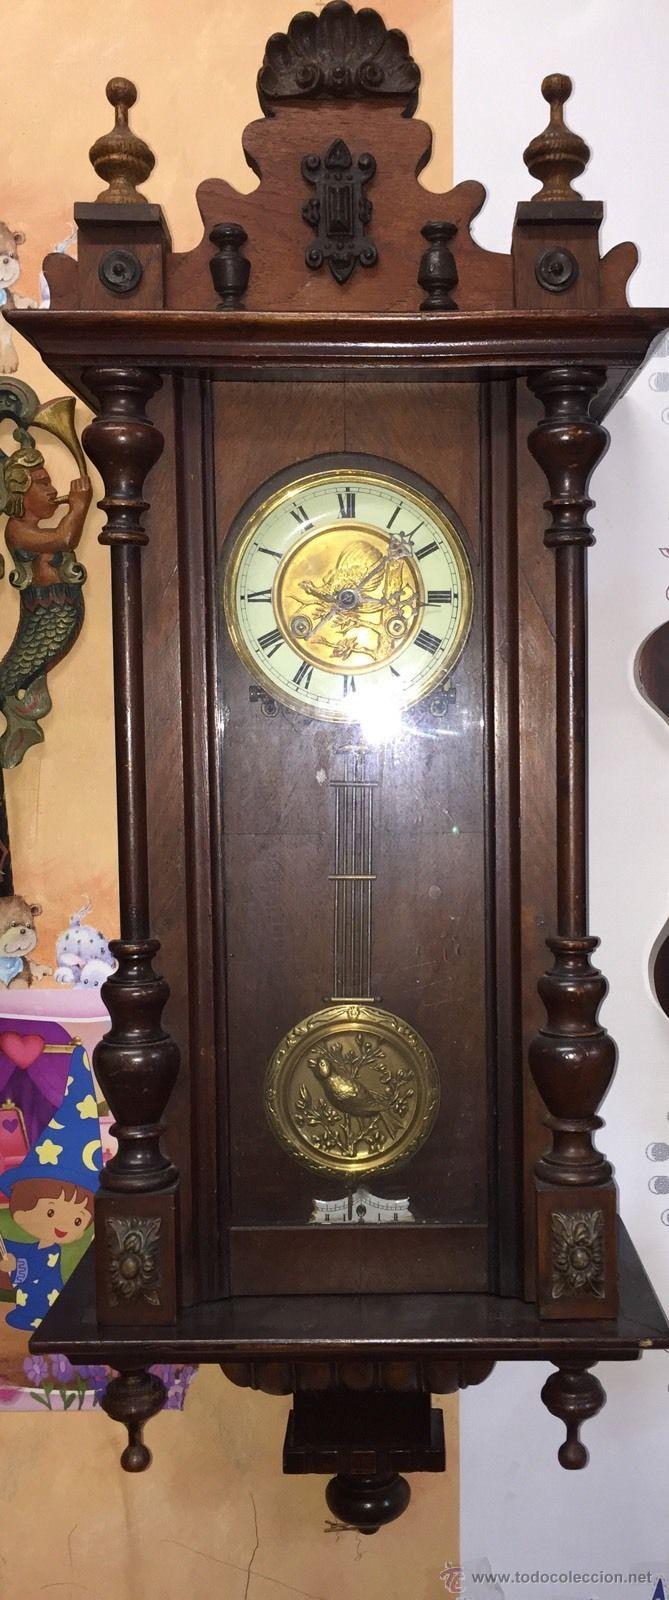 Relojes de pared: precioso reloj alfonsino KIENZLE con pajaros-Alemania- año 1890-191o - Foto 2 - 102960476